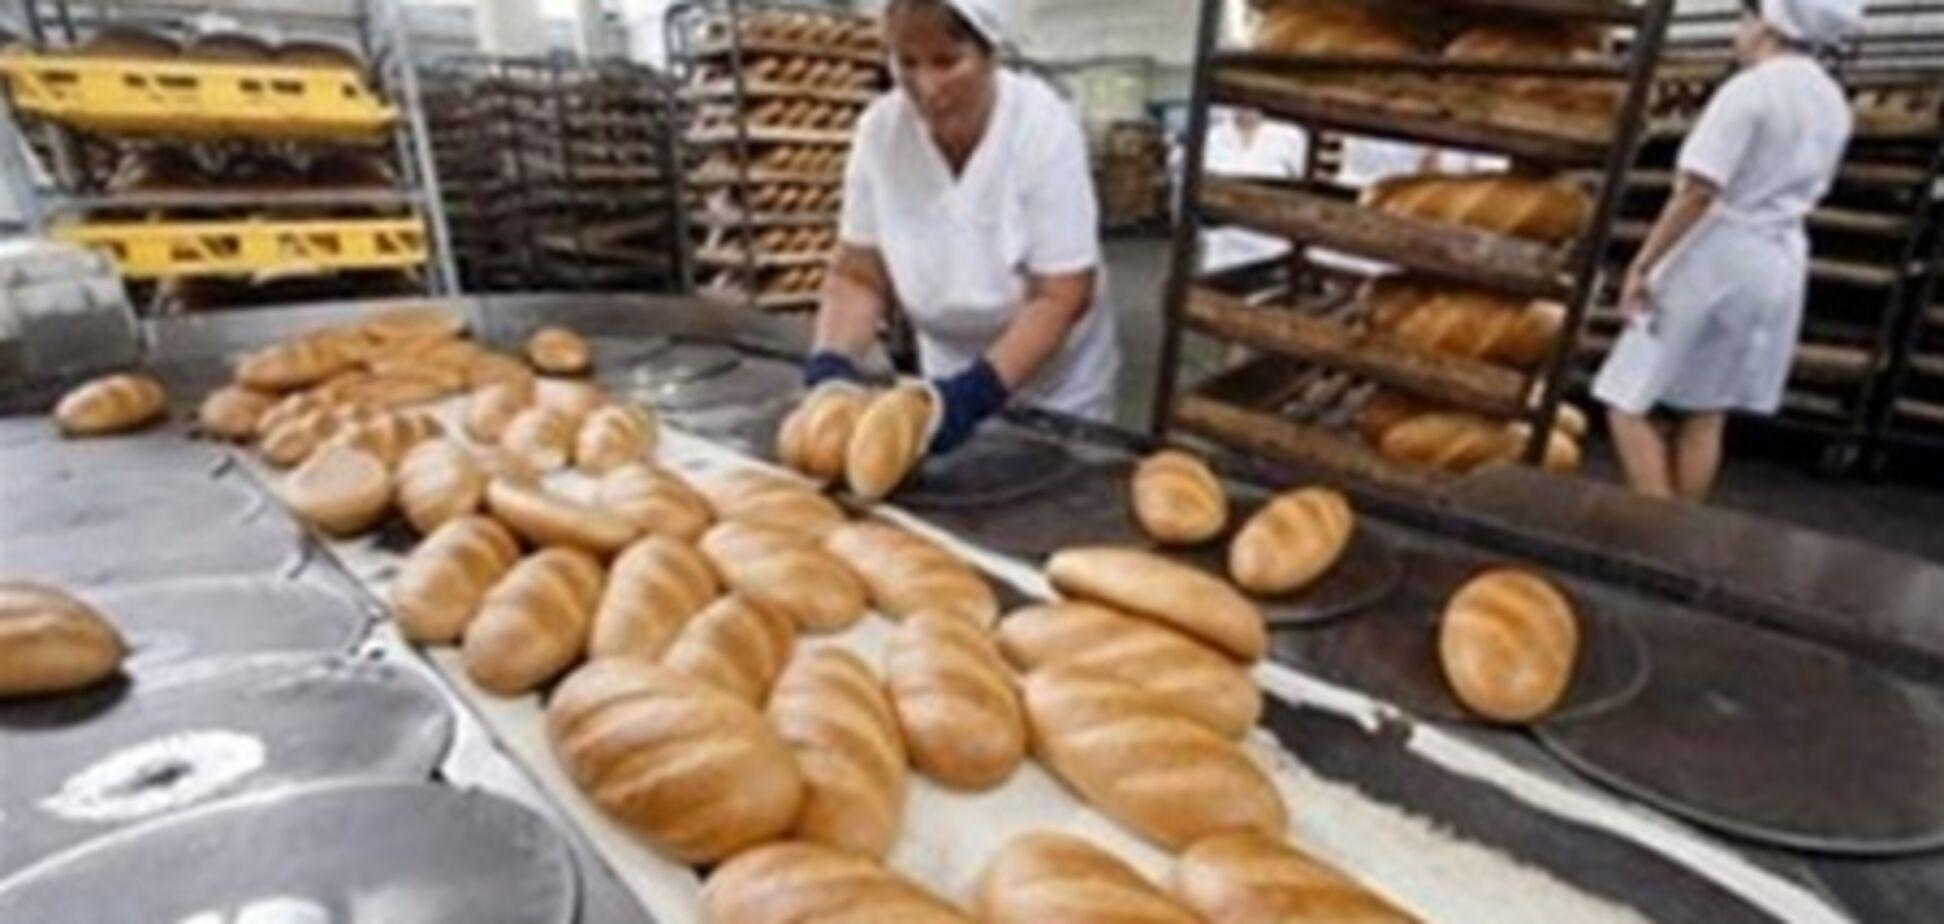 Дефицита хлеба в столице не будет - Киевхлеб